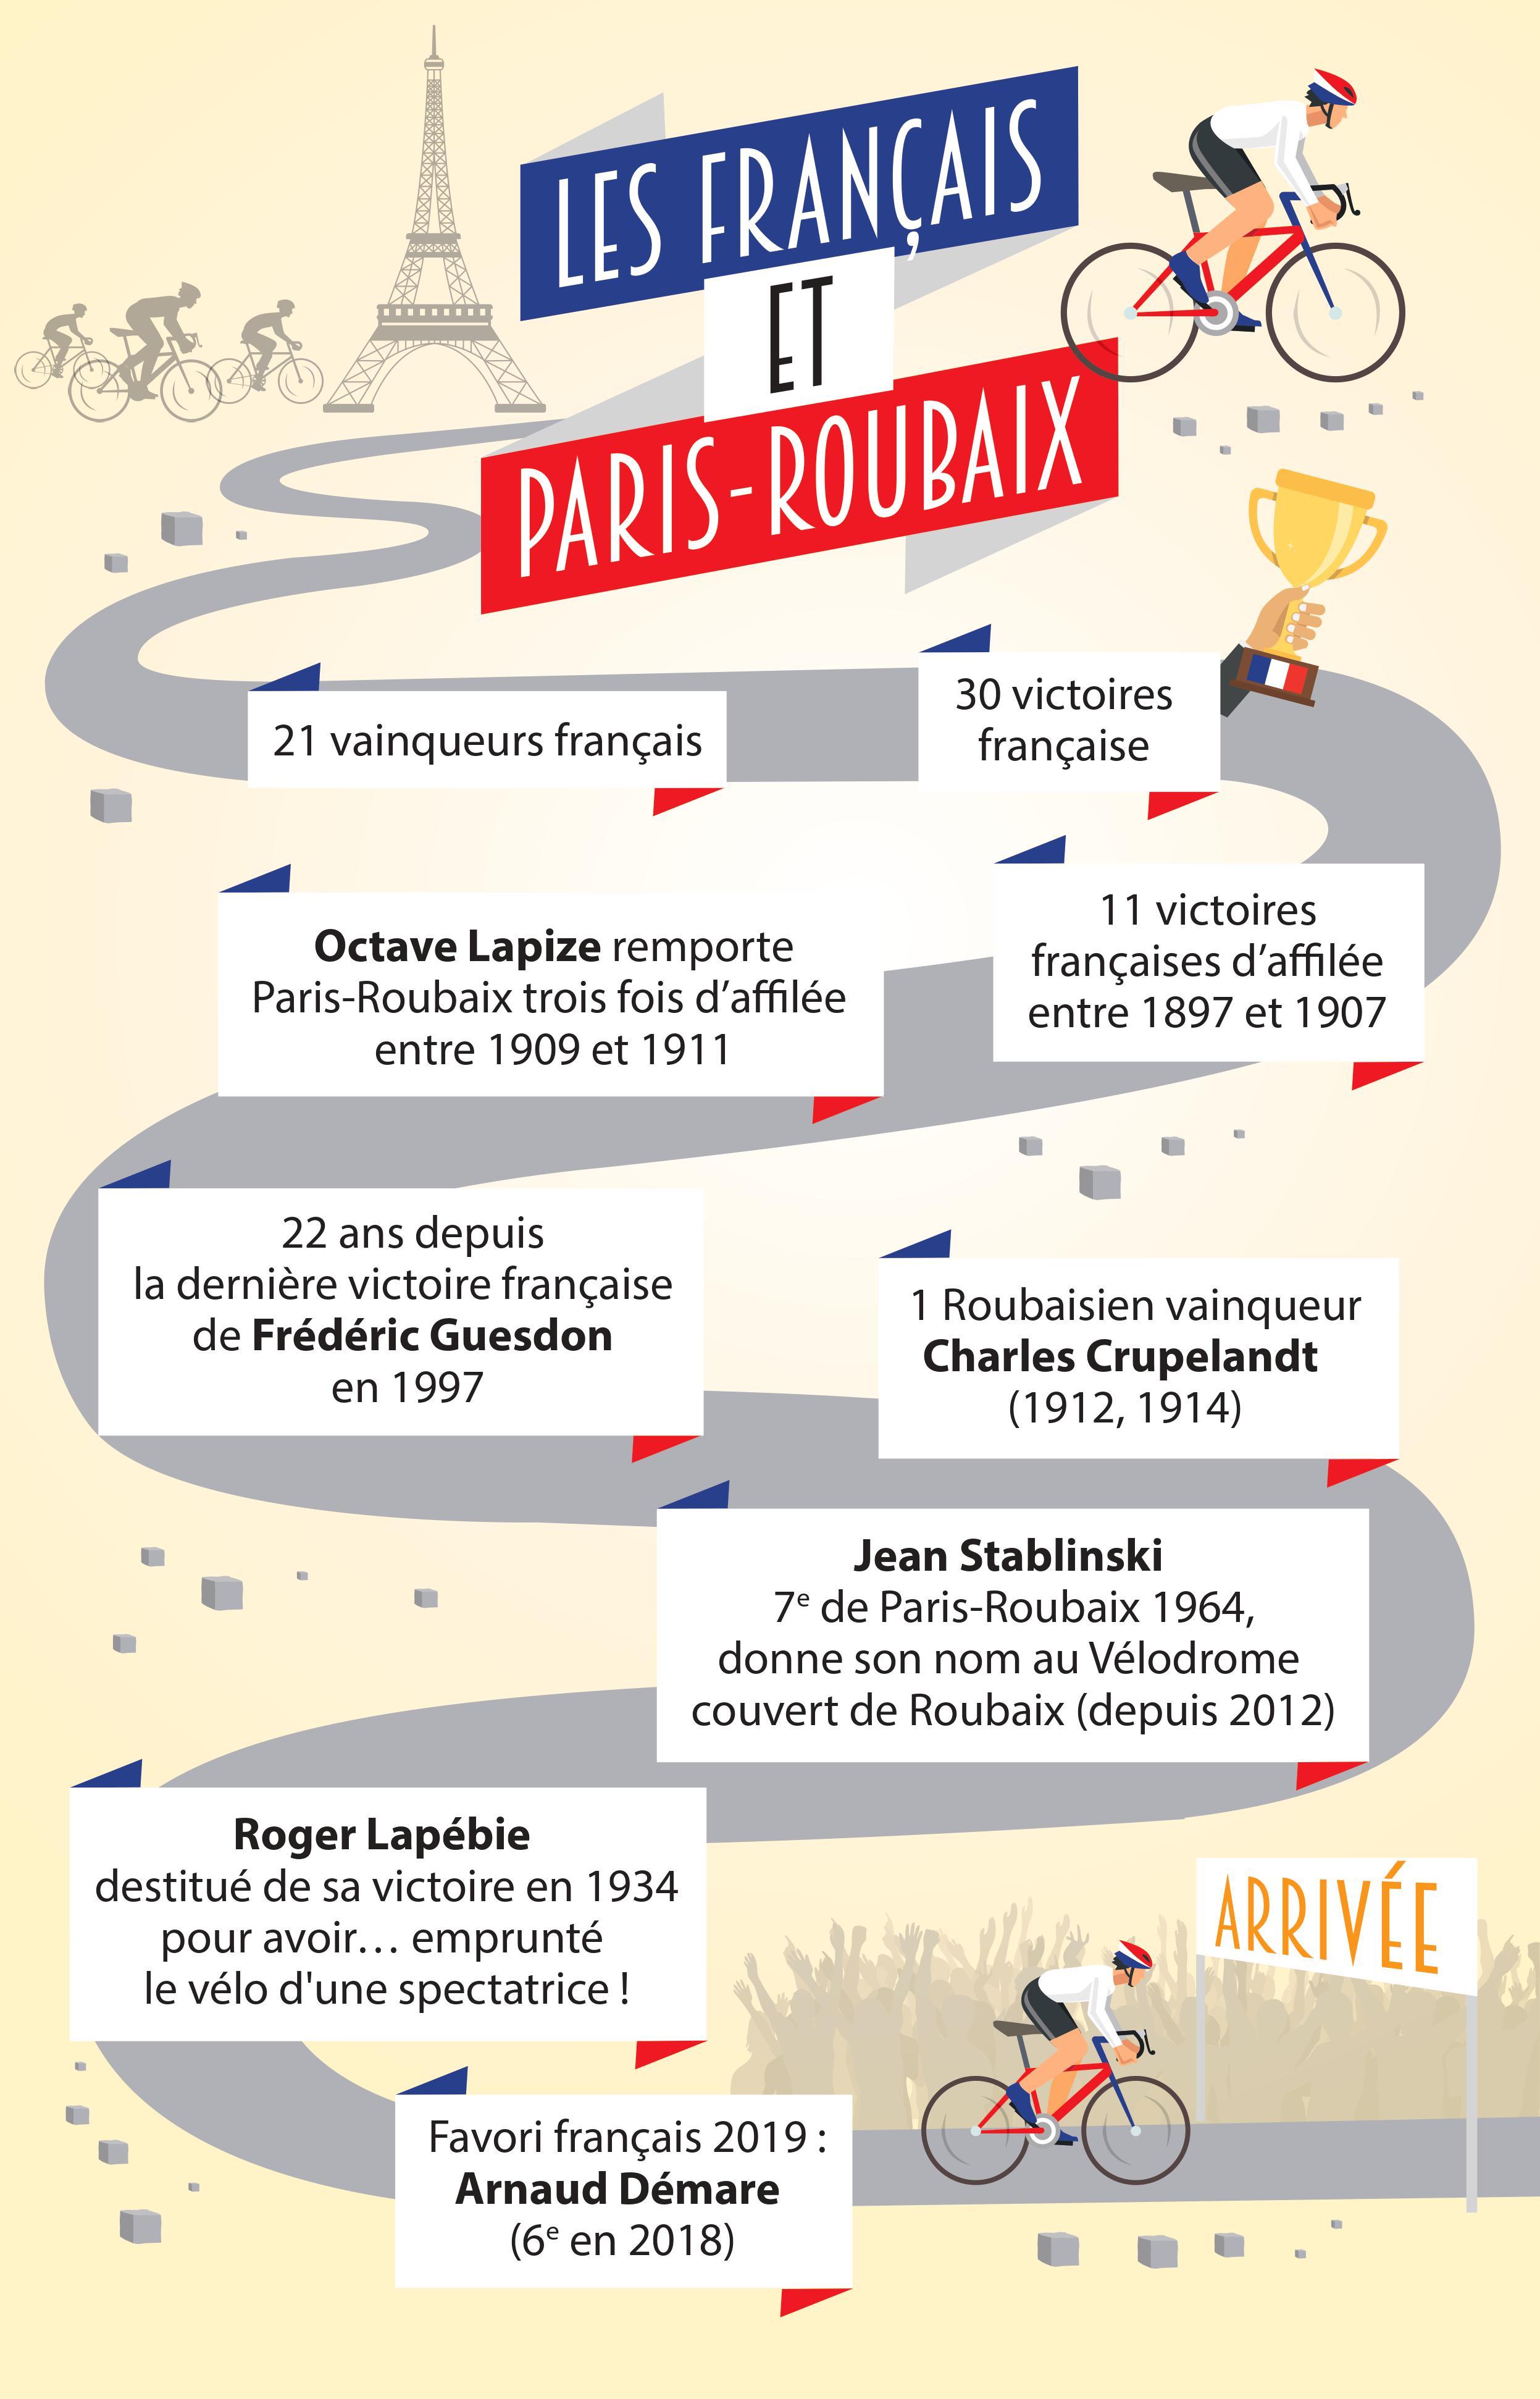 Infographie : Français et Paris-Roubaix